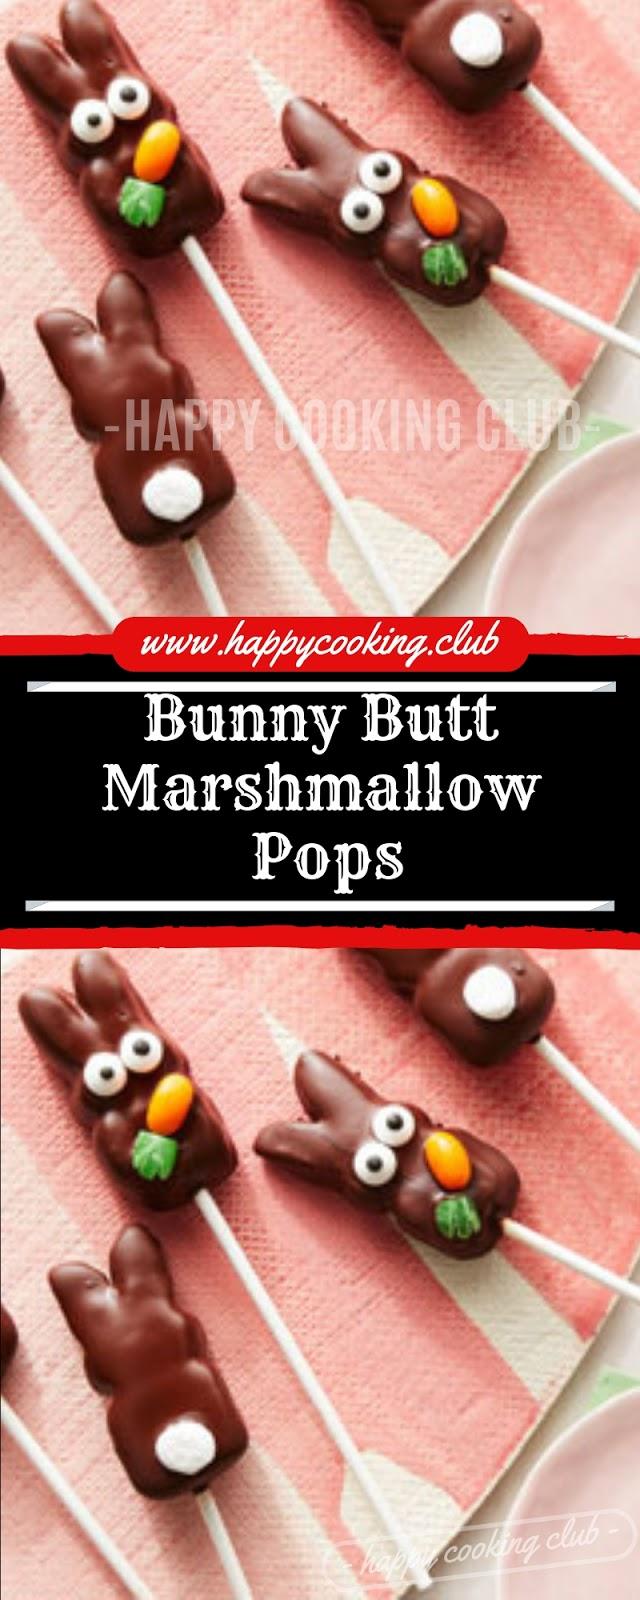 Bunny Butt Marshmallow Pops